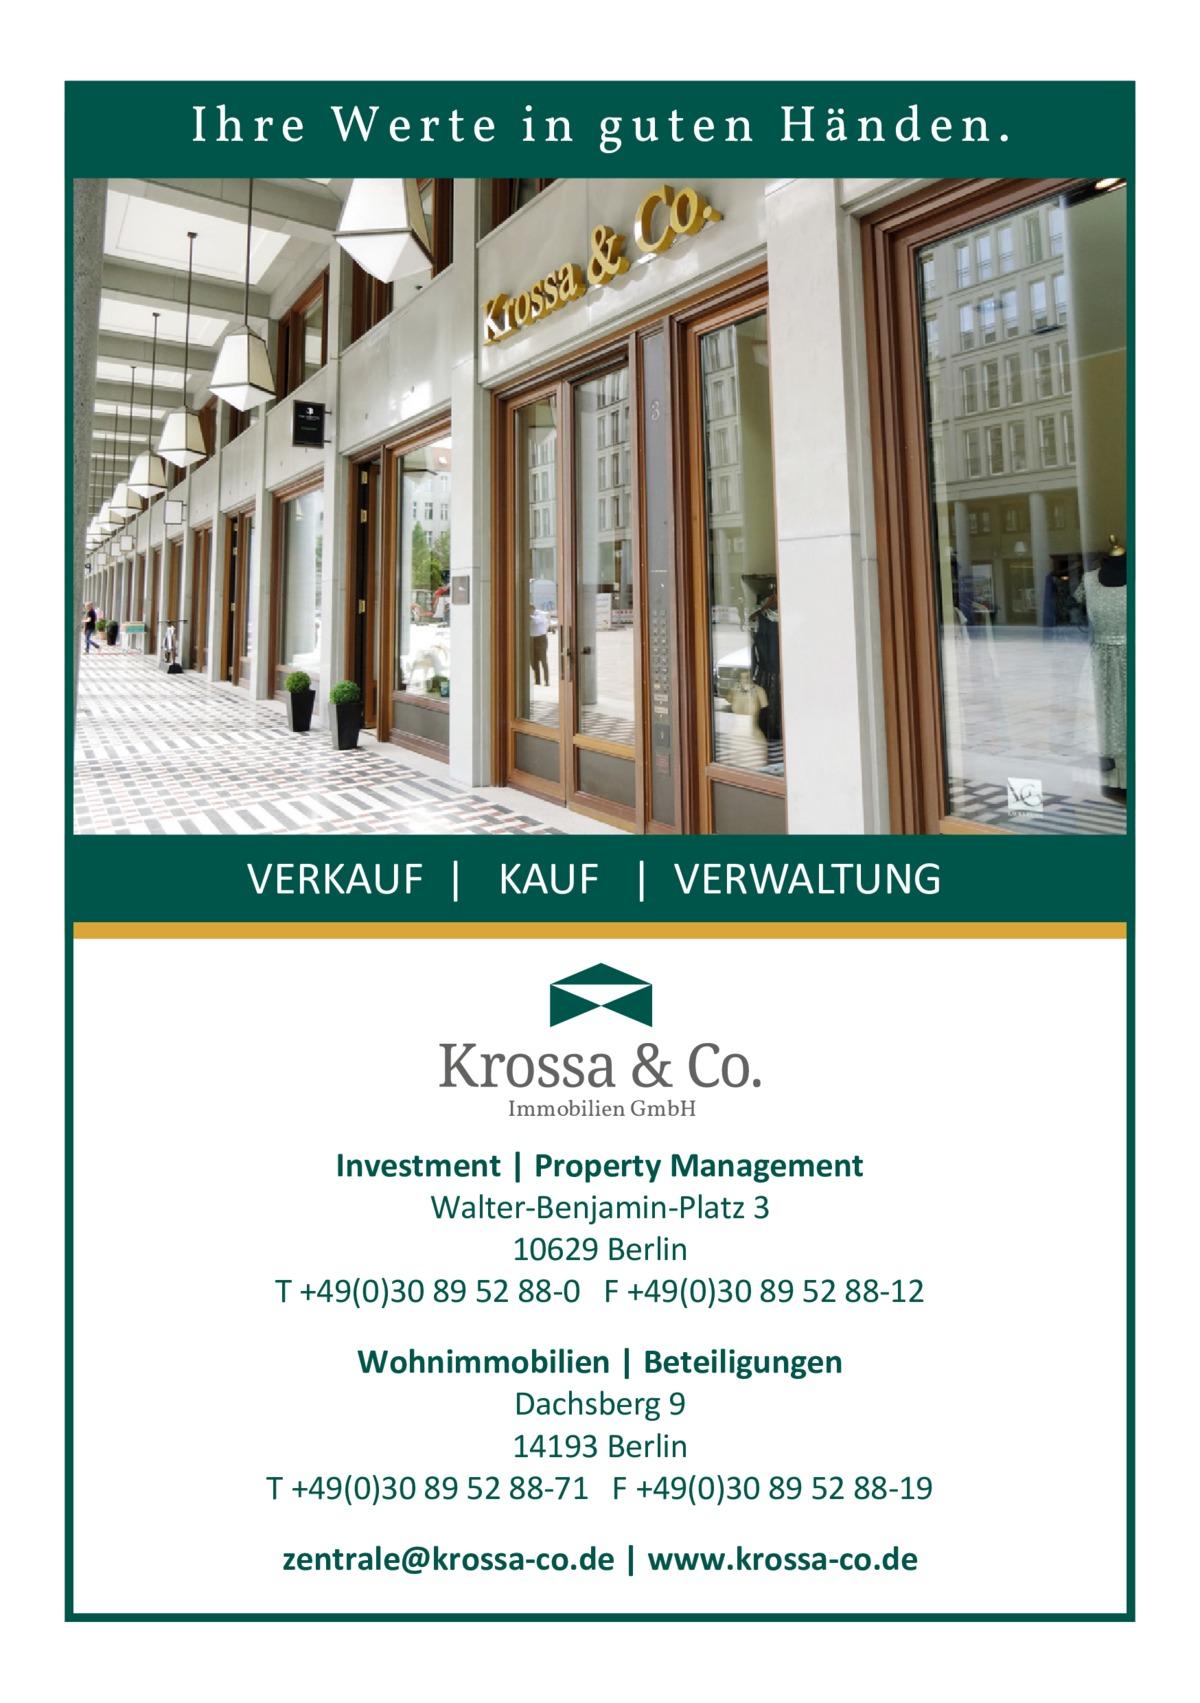 Ihre Werte in guten Händen.  VERKAUF   KAUF   VERWALTUNG  Immobilien GmbH  Investment   Property Management Walter-Benjamin-Platz 3 10629 Berlin T +49(0)30 89 52 88-0 F +49(0)30 89 52 88-12 Wohnimmobilien   Beteiligungen Dachsberg 9 14193 Berlin T +49(0)30 89 52 88-71 F +49(0)30 89 52 88-19 zentrale@krossa-co.de   www.krossa-co.de